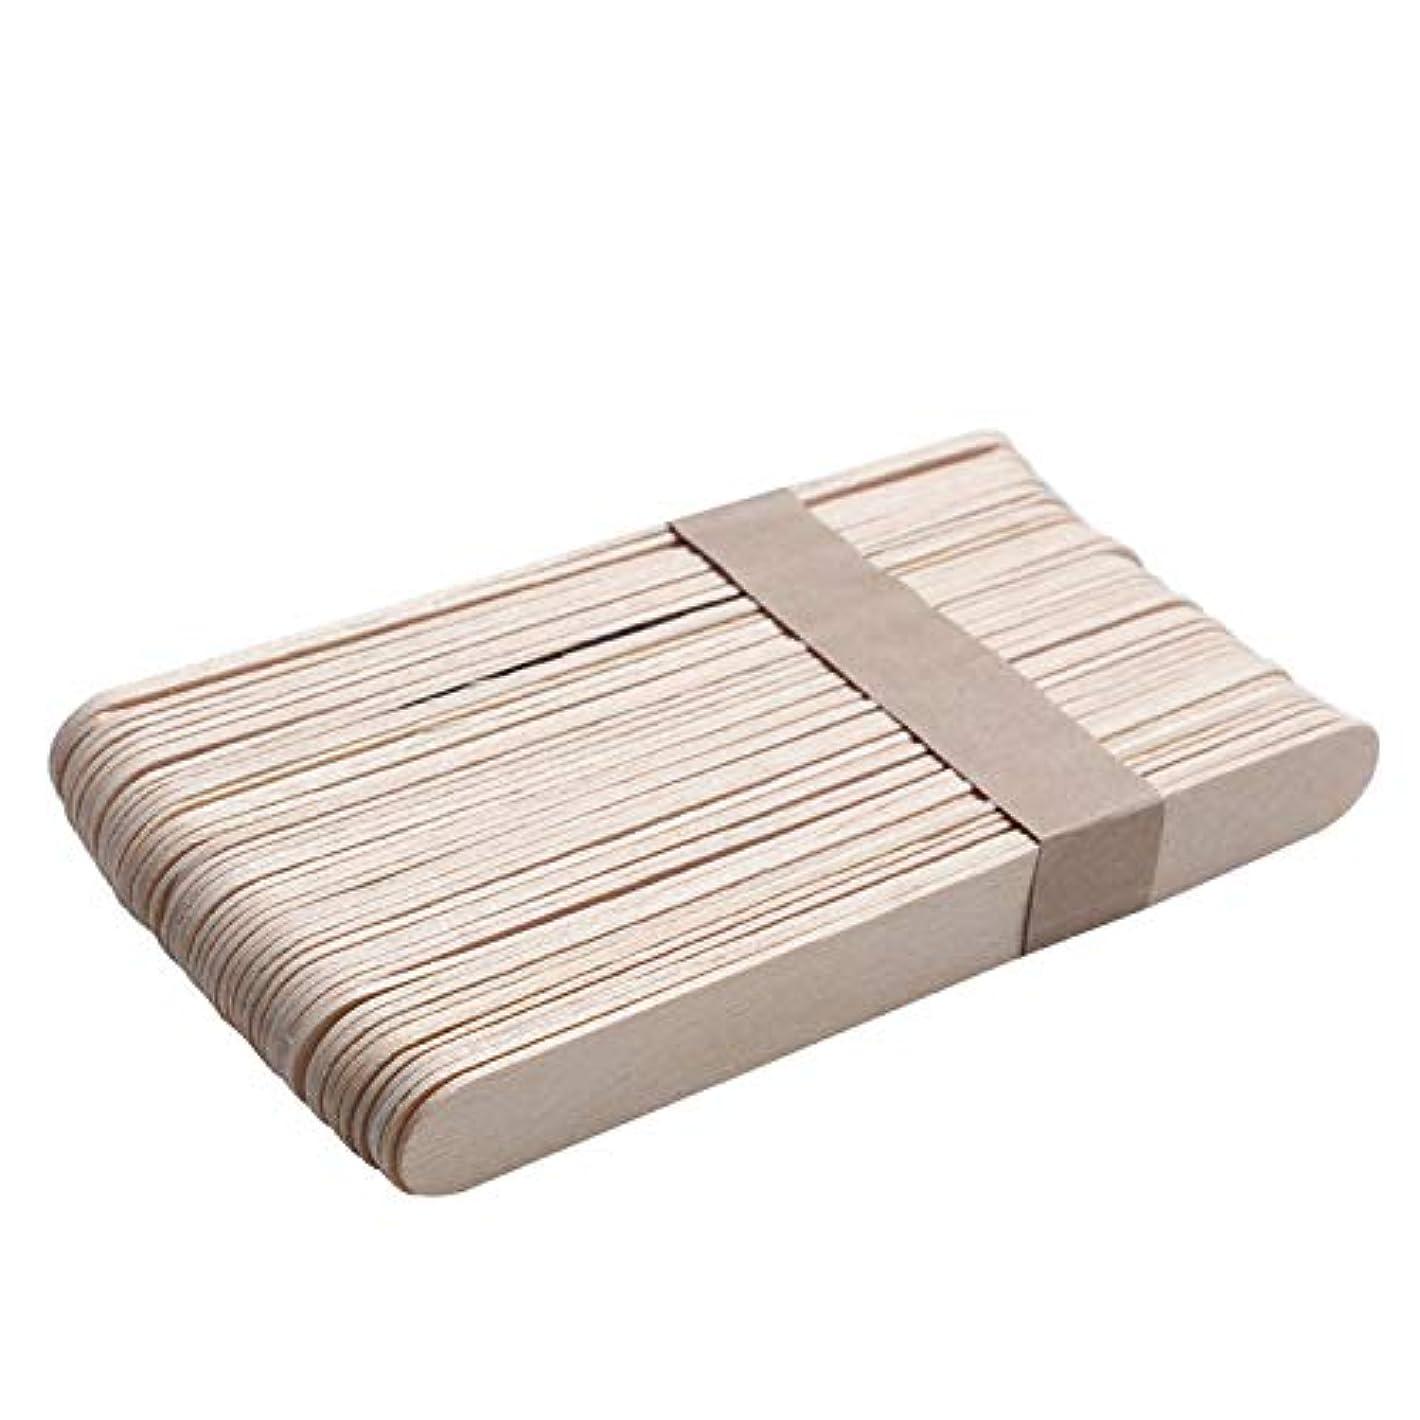 保安くま素子Migavann 50ピース15センチ木製ワックススティック 使い捨て木製ワックスヘラワックスアプリケータdiyフェイシャルマスクスティック